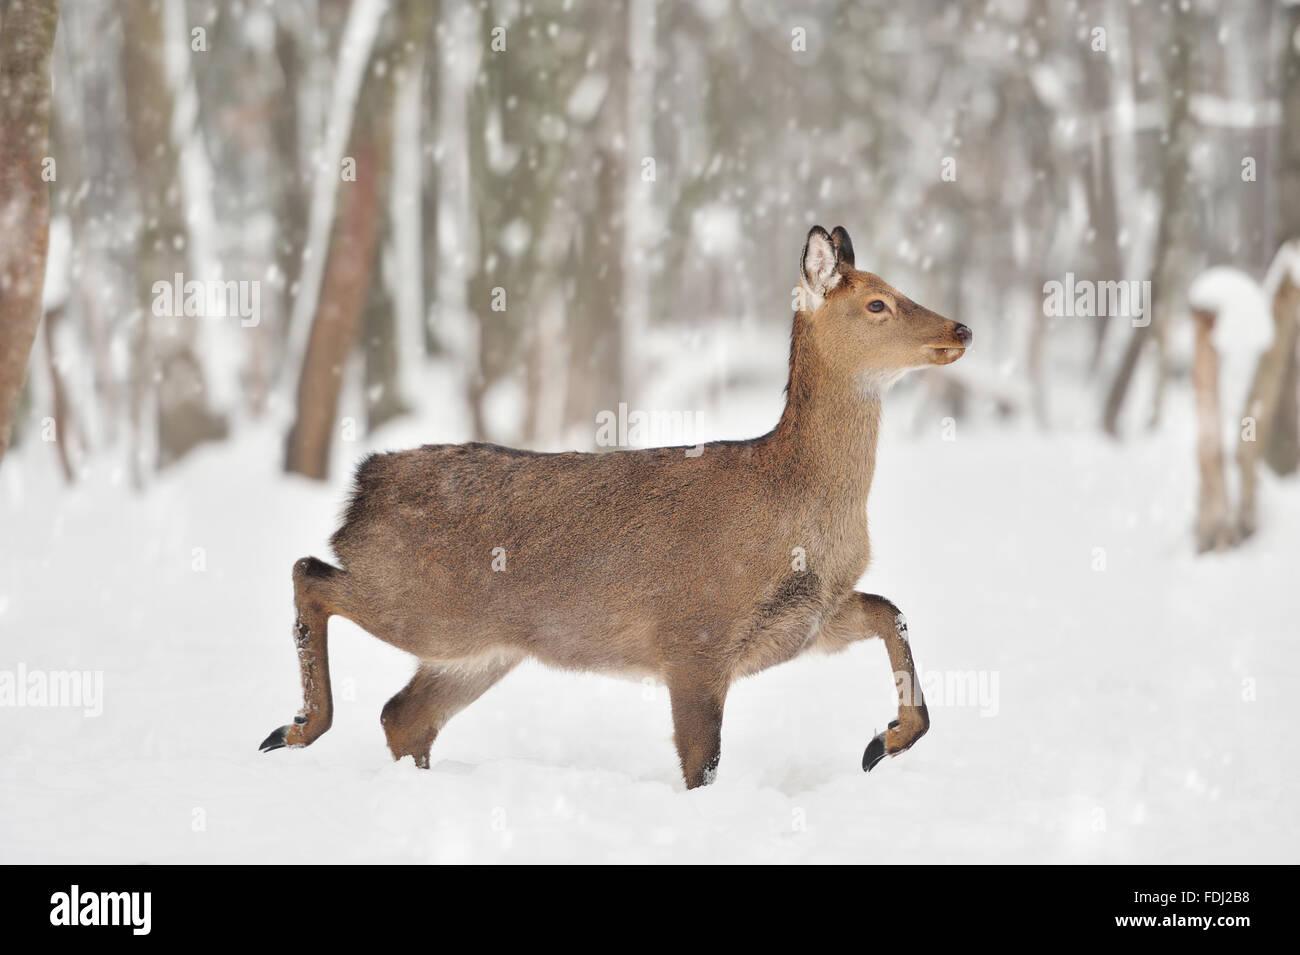 Joven ciervo en invierno bosque Foto de stock